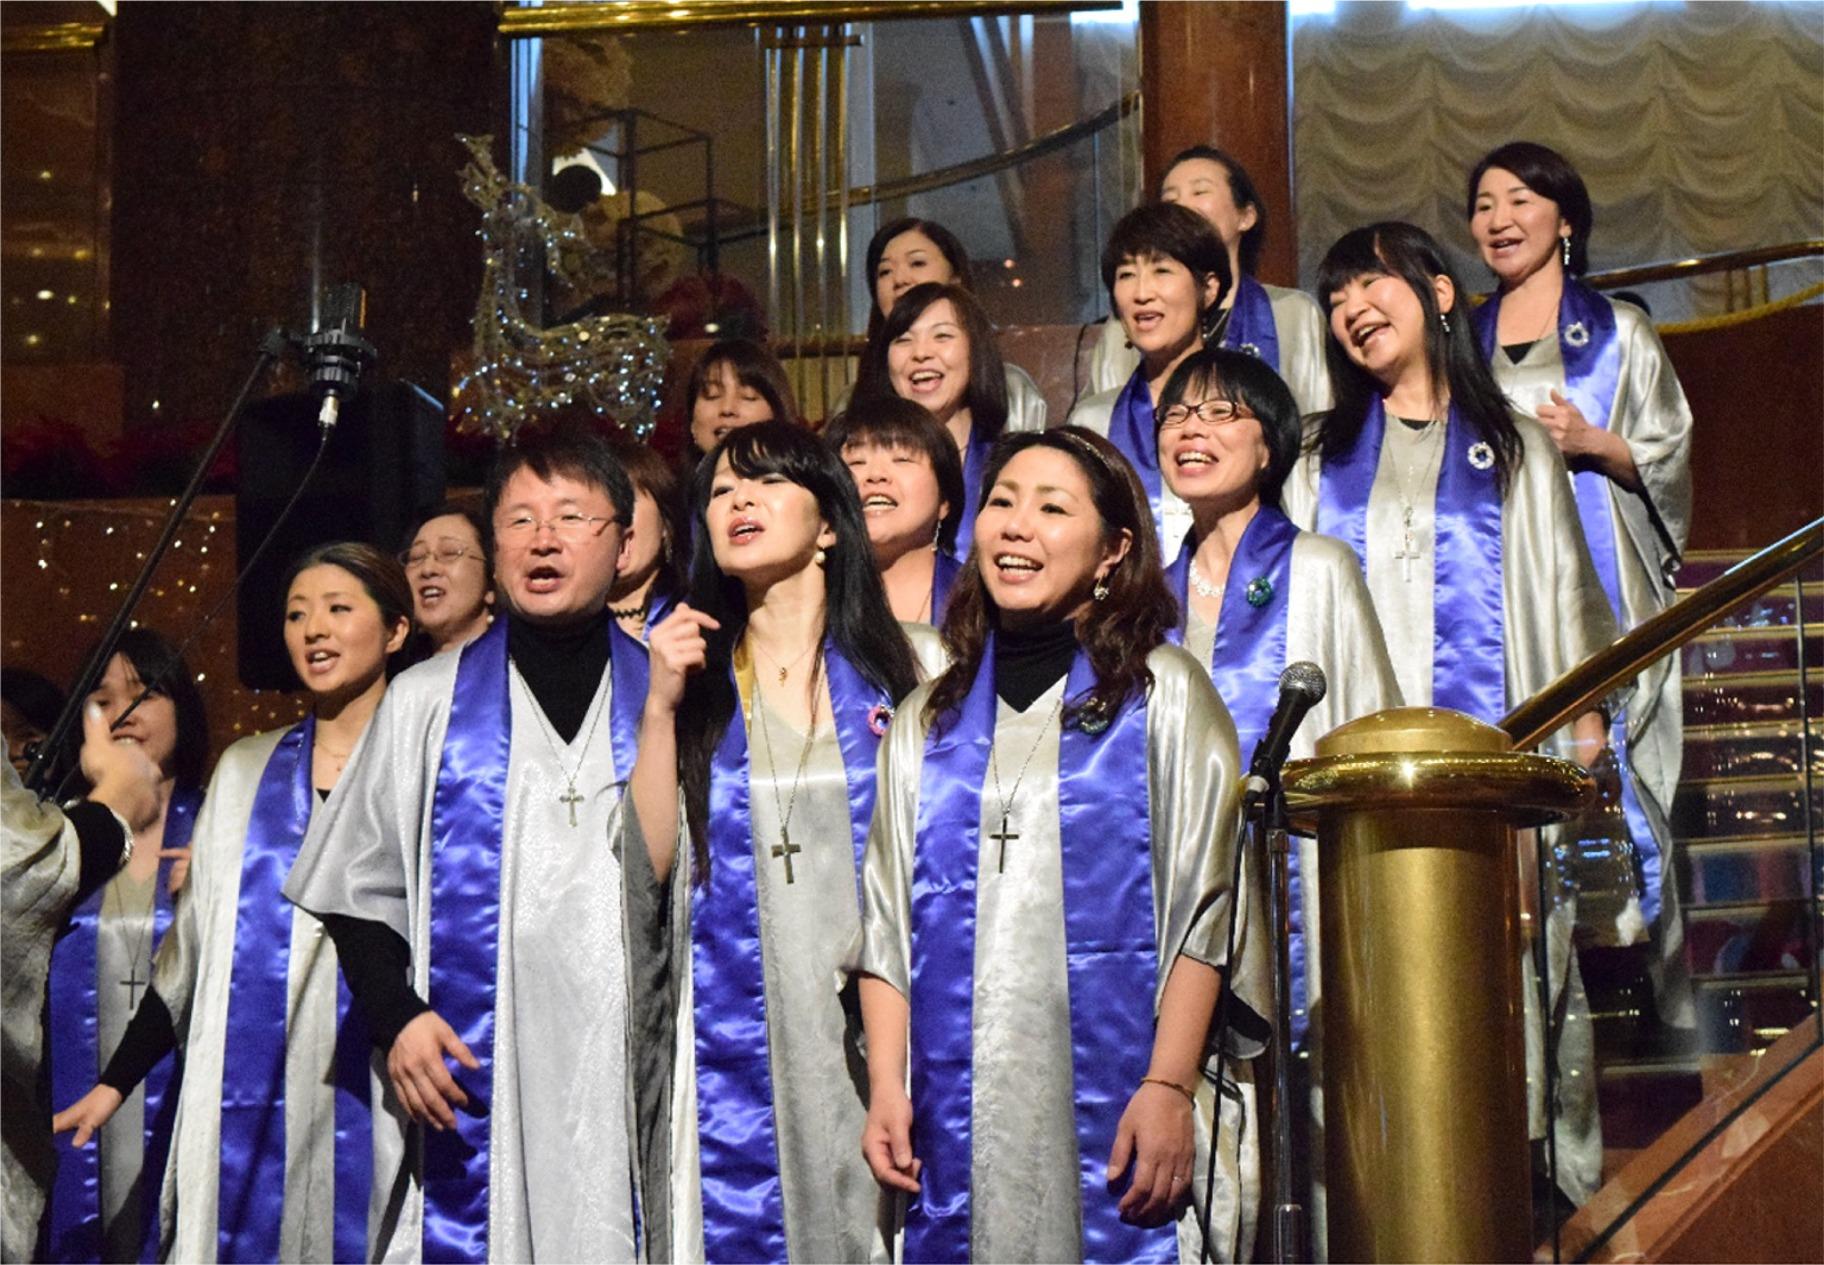 2014年、「横浜ベイシェラトン ホテル&タワーズ」のロビーで行われた ゴスペル・クリスマス・コンサートの様子 前列中央の男性が、古澤英明氏